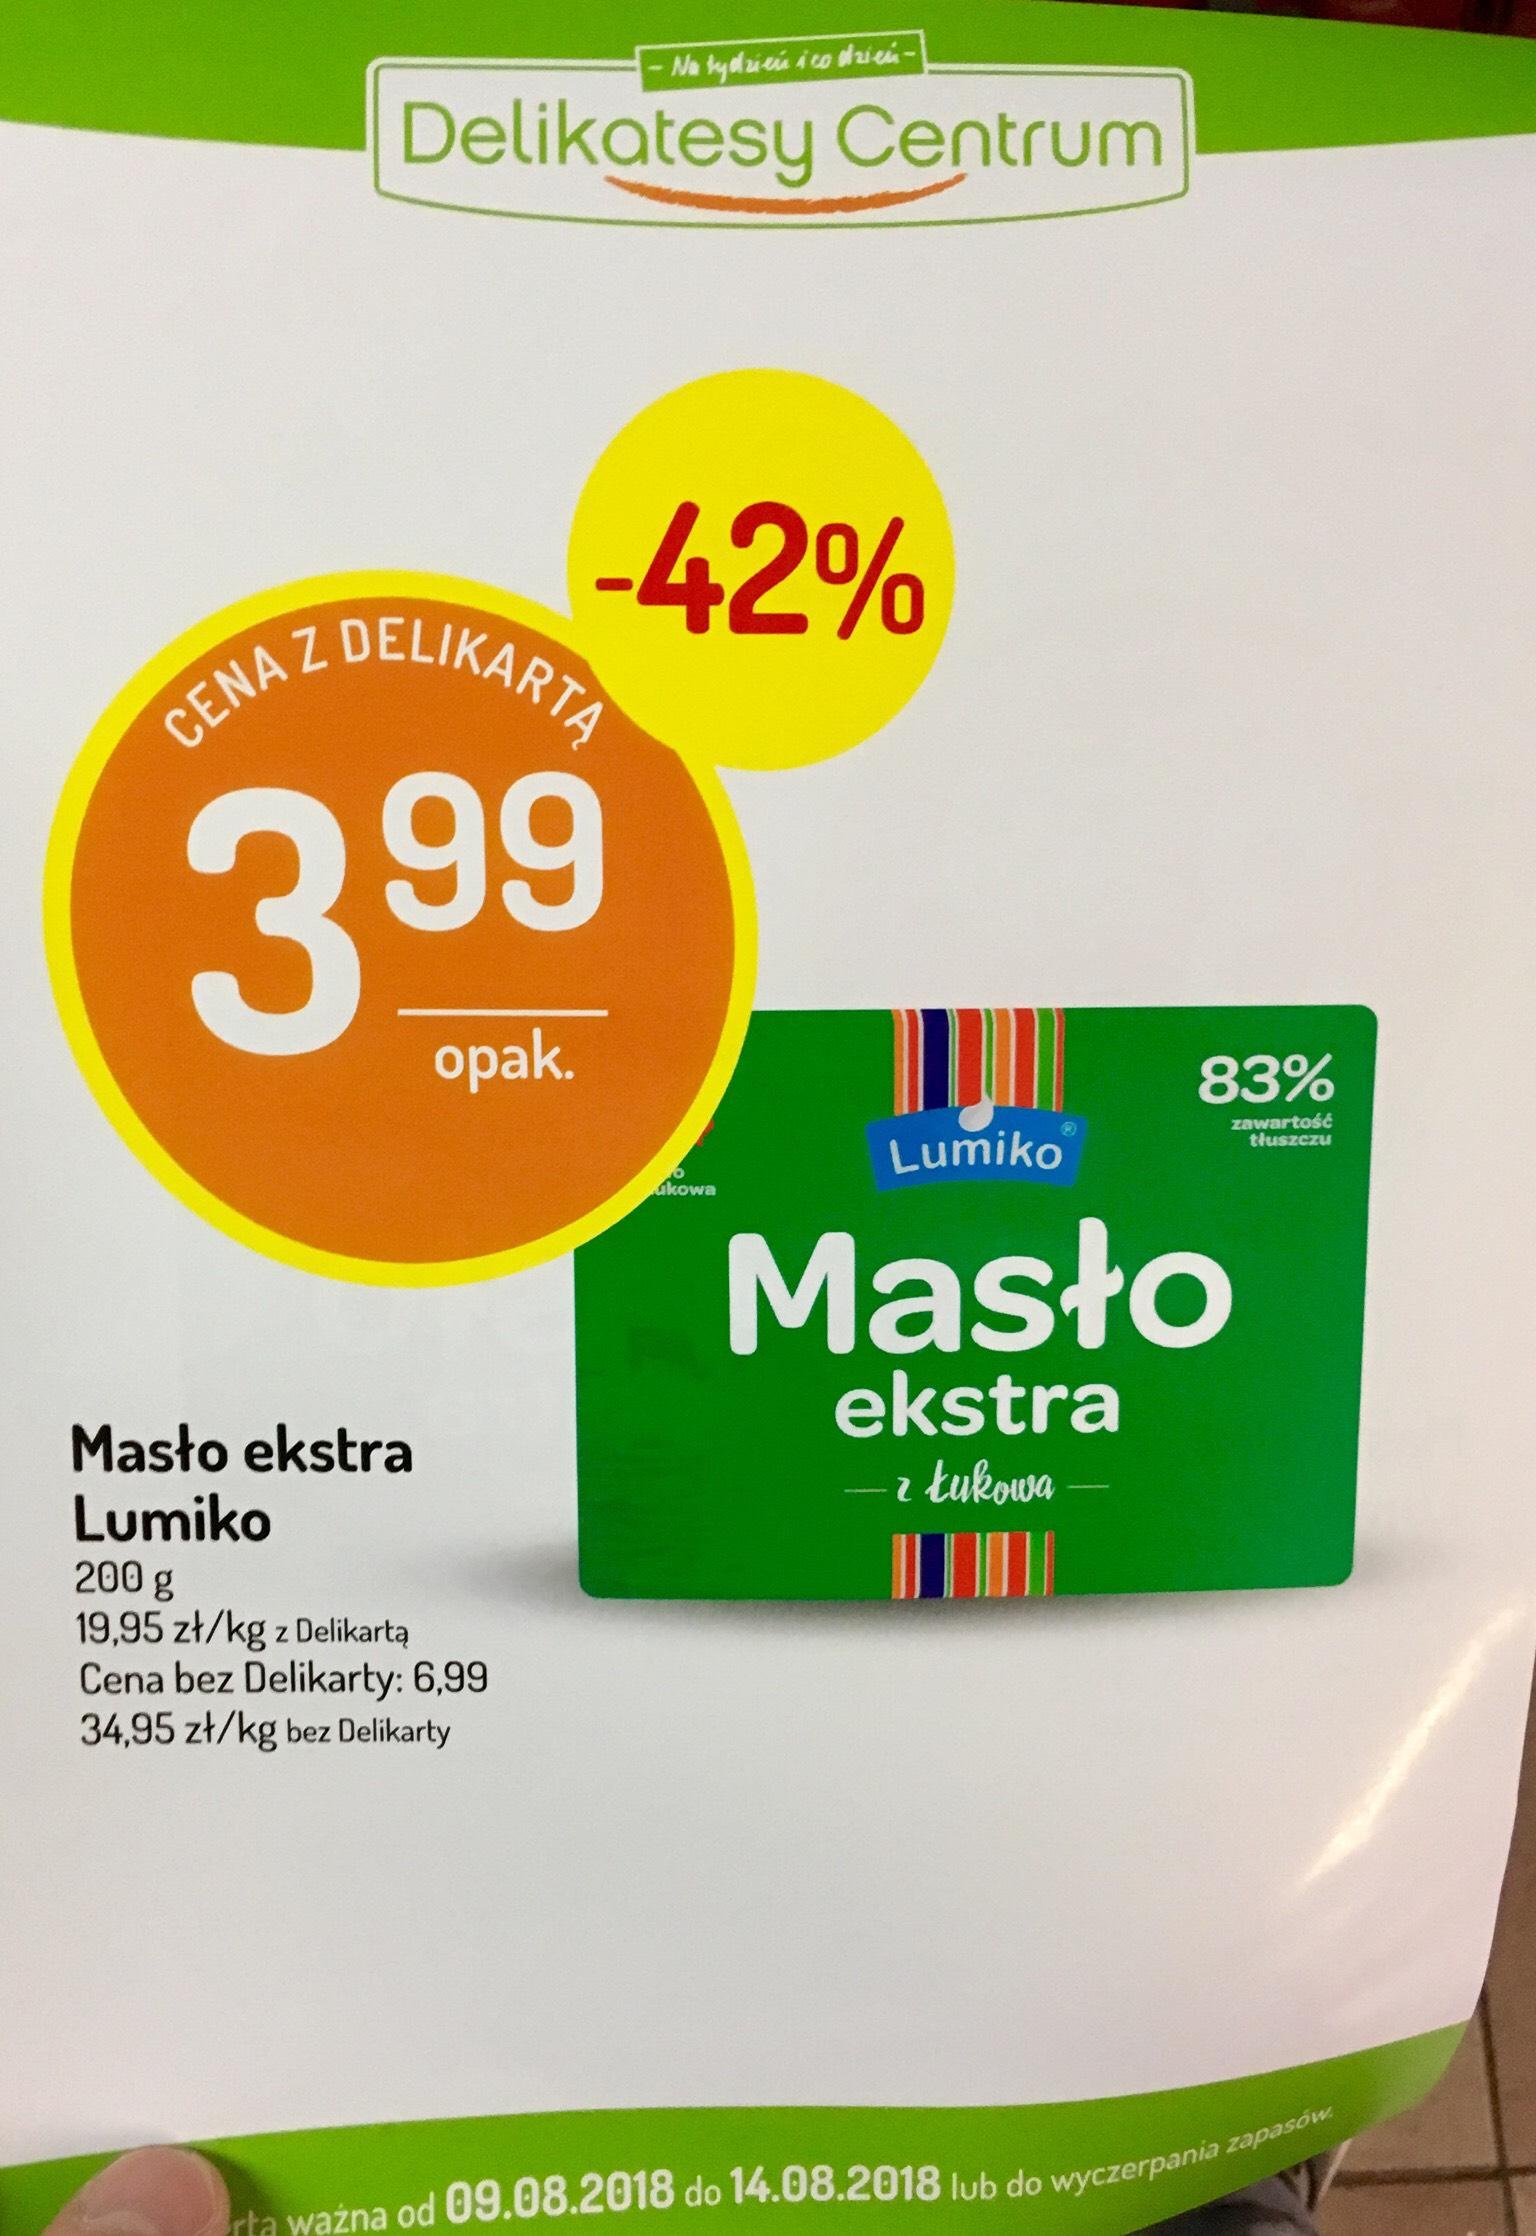 Masło 83% @Delikatesy Centrum